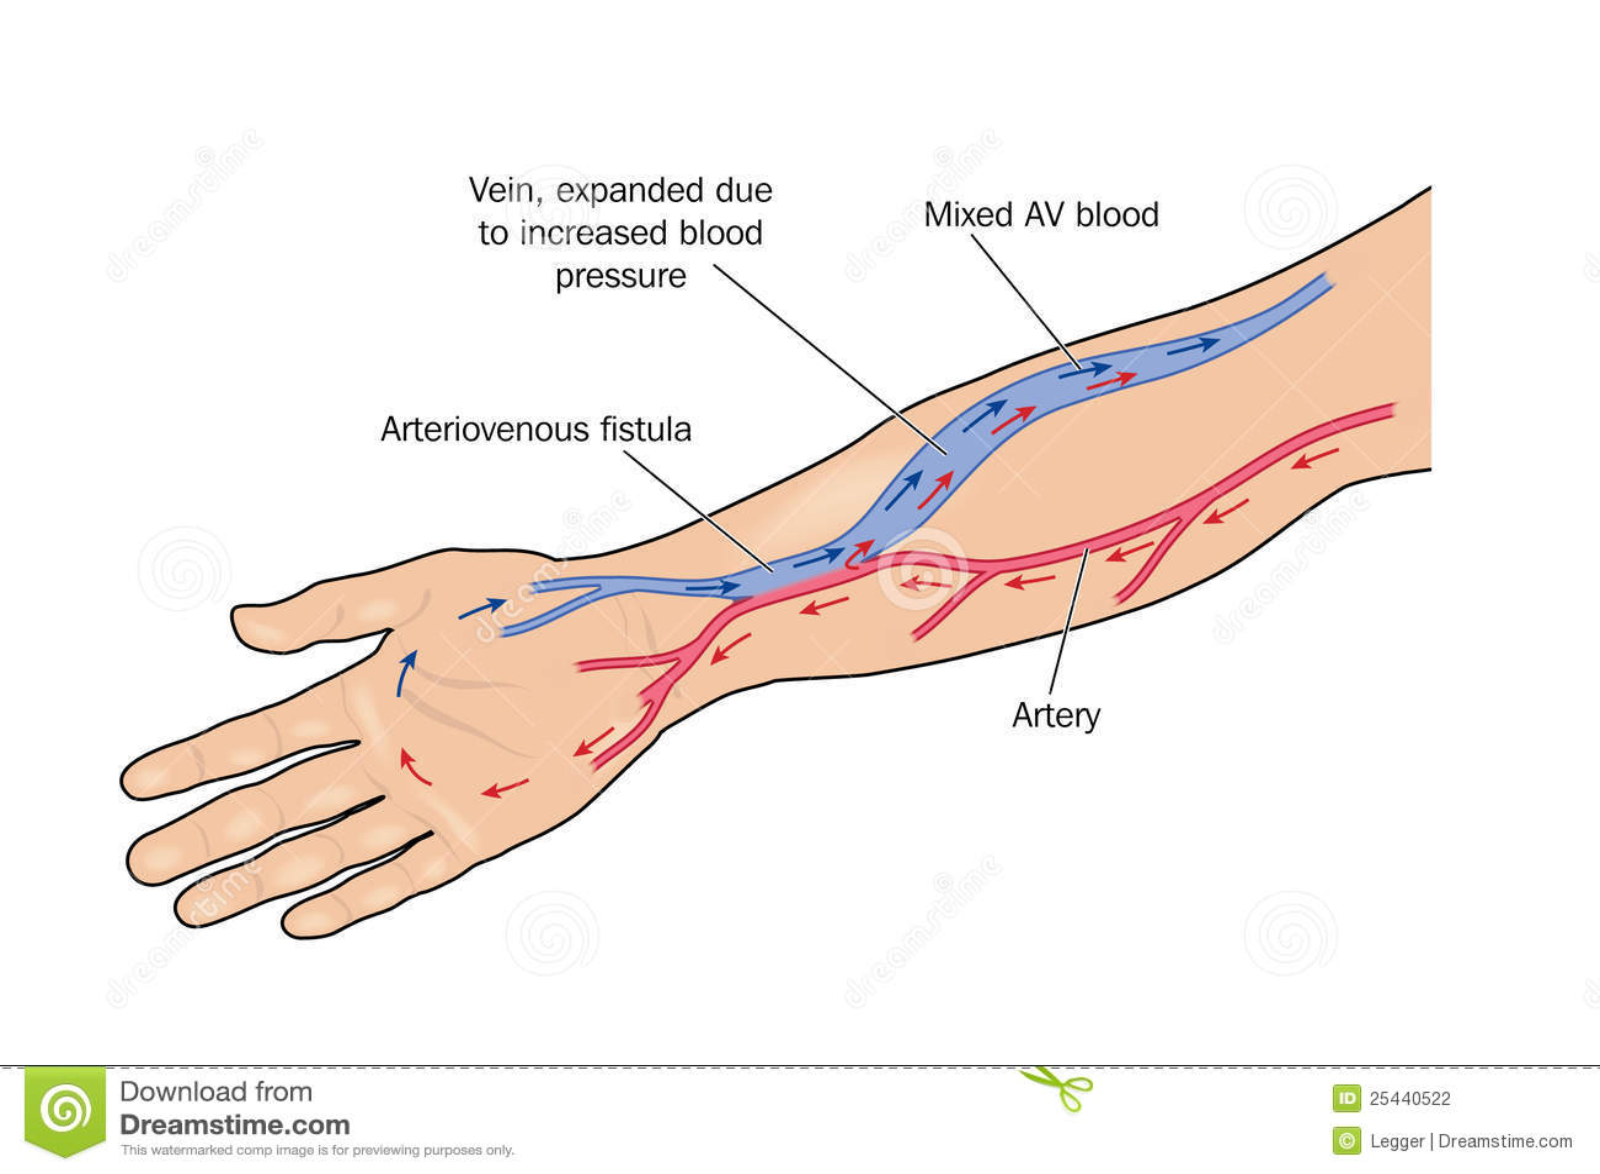 arteriovenous fistula stock illustration illustration of artery